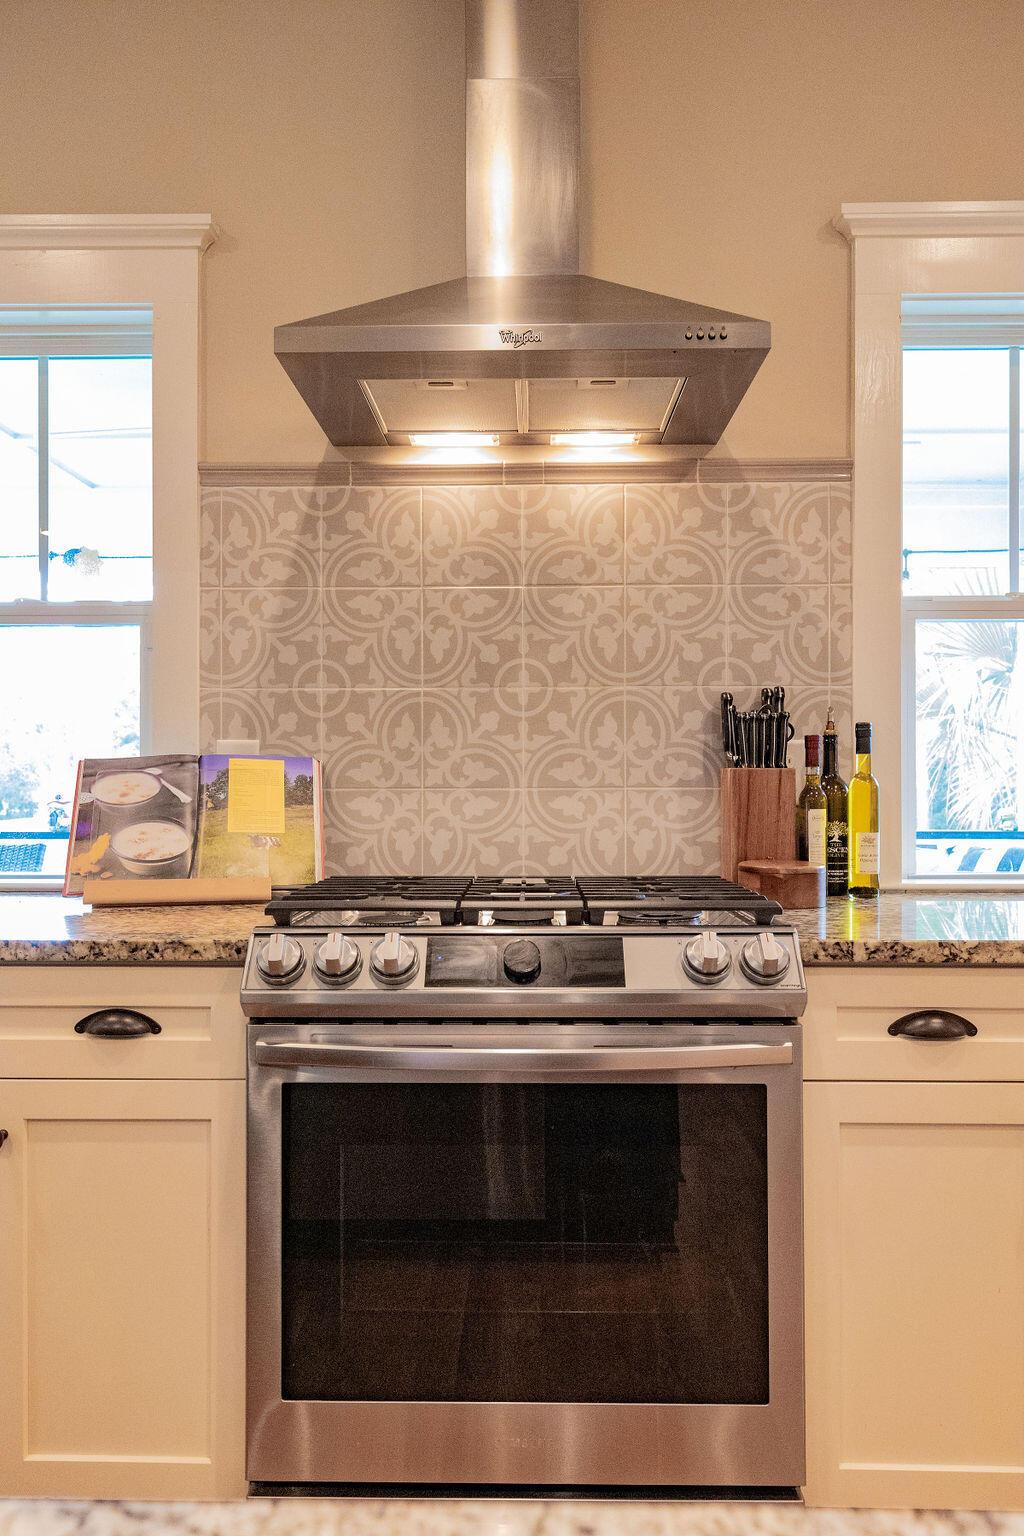 Dunes West Homes For Sale - 2705 Fountainhead, Mount Pleasant, SC - 19